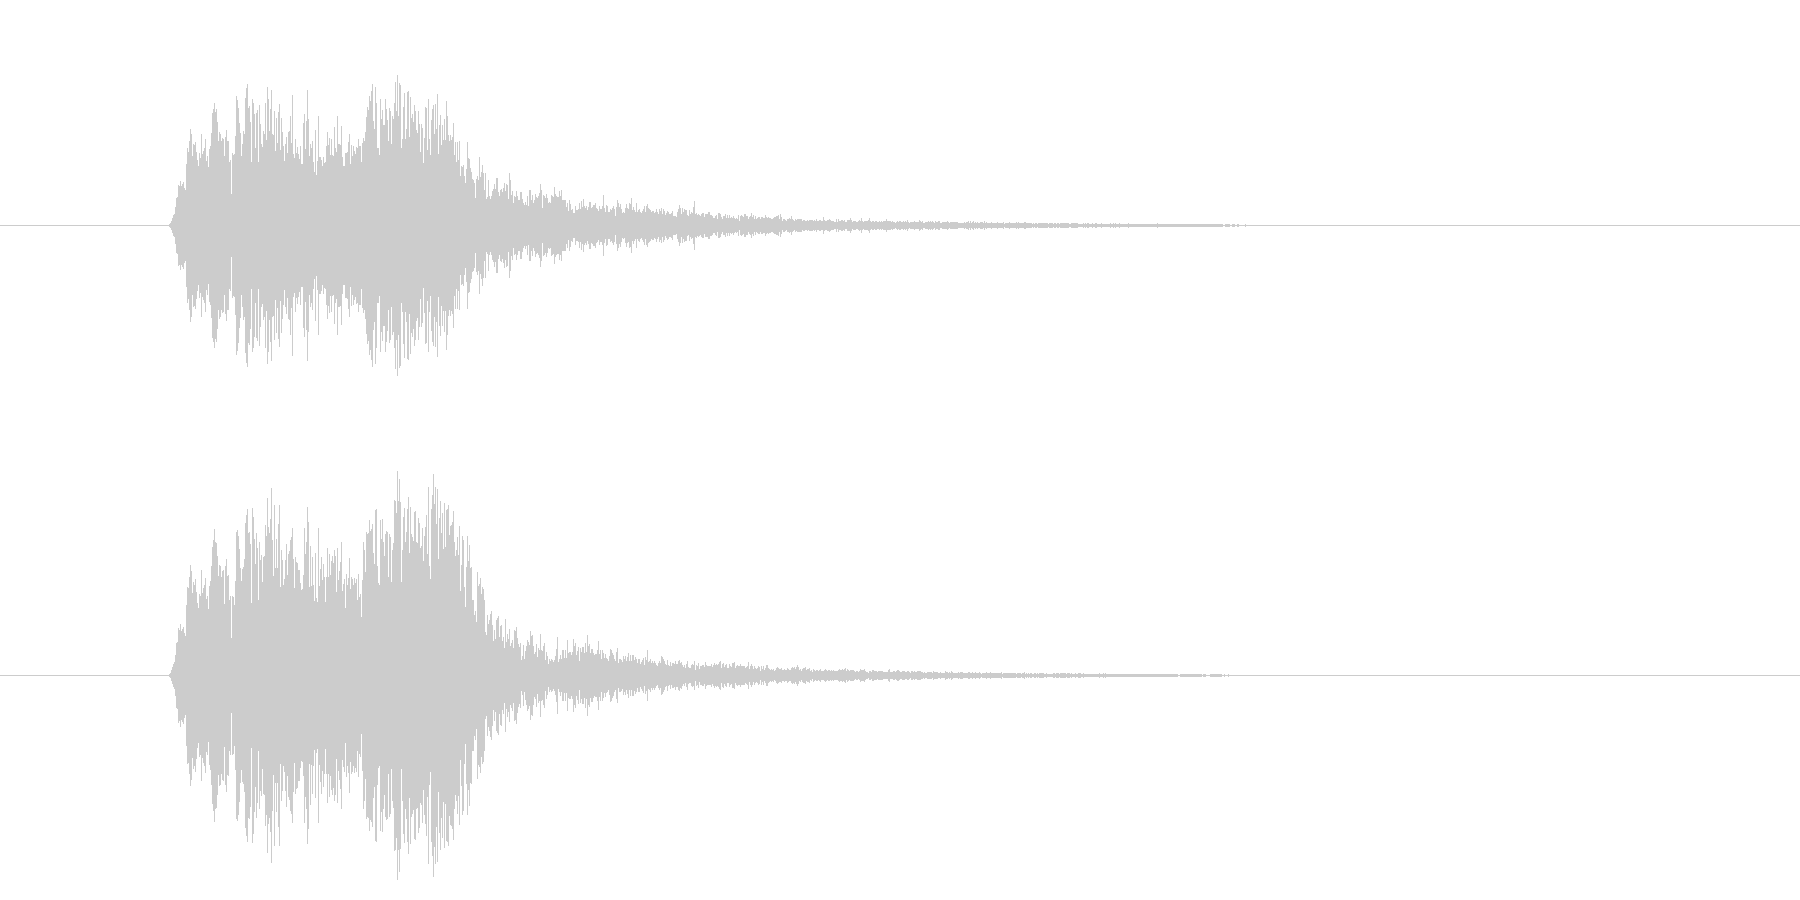 ヒュンヒュン(お知らせ、合図)の未再生の波形